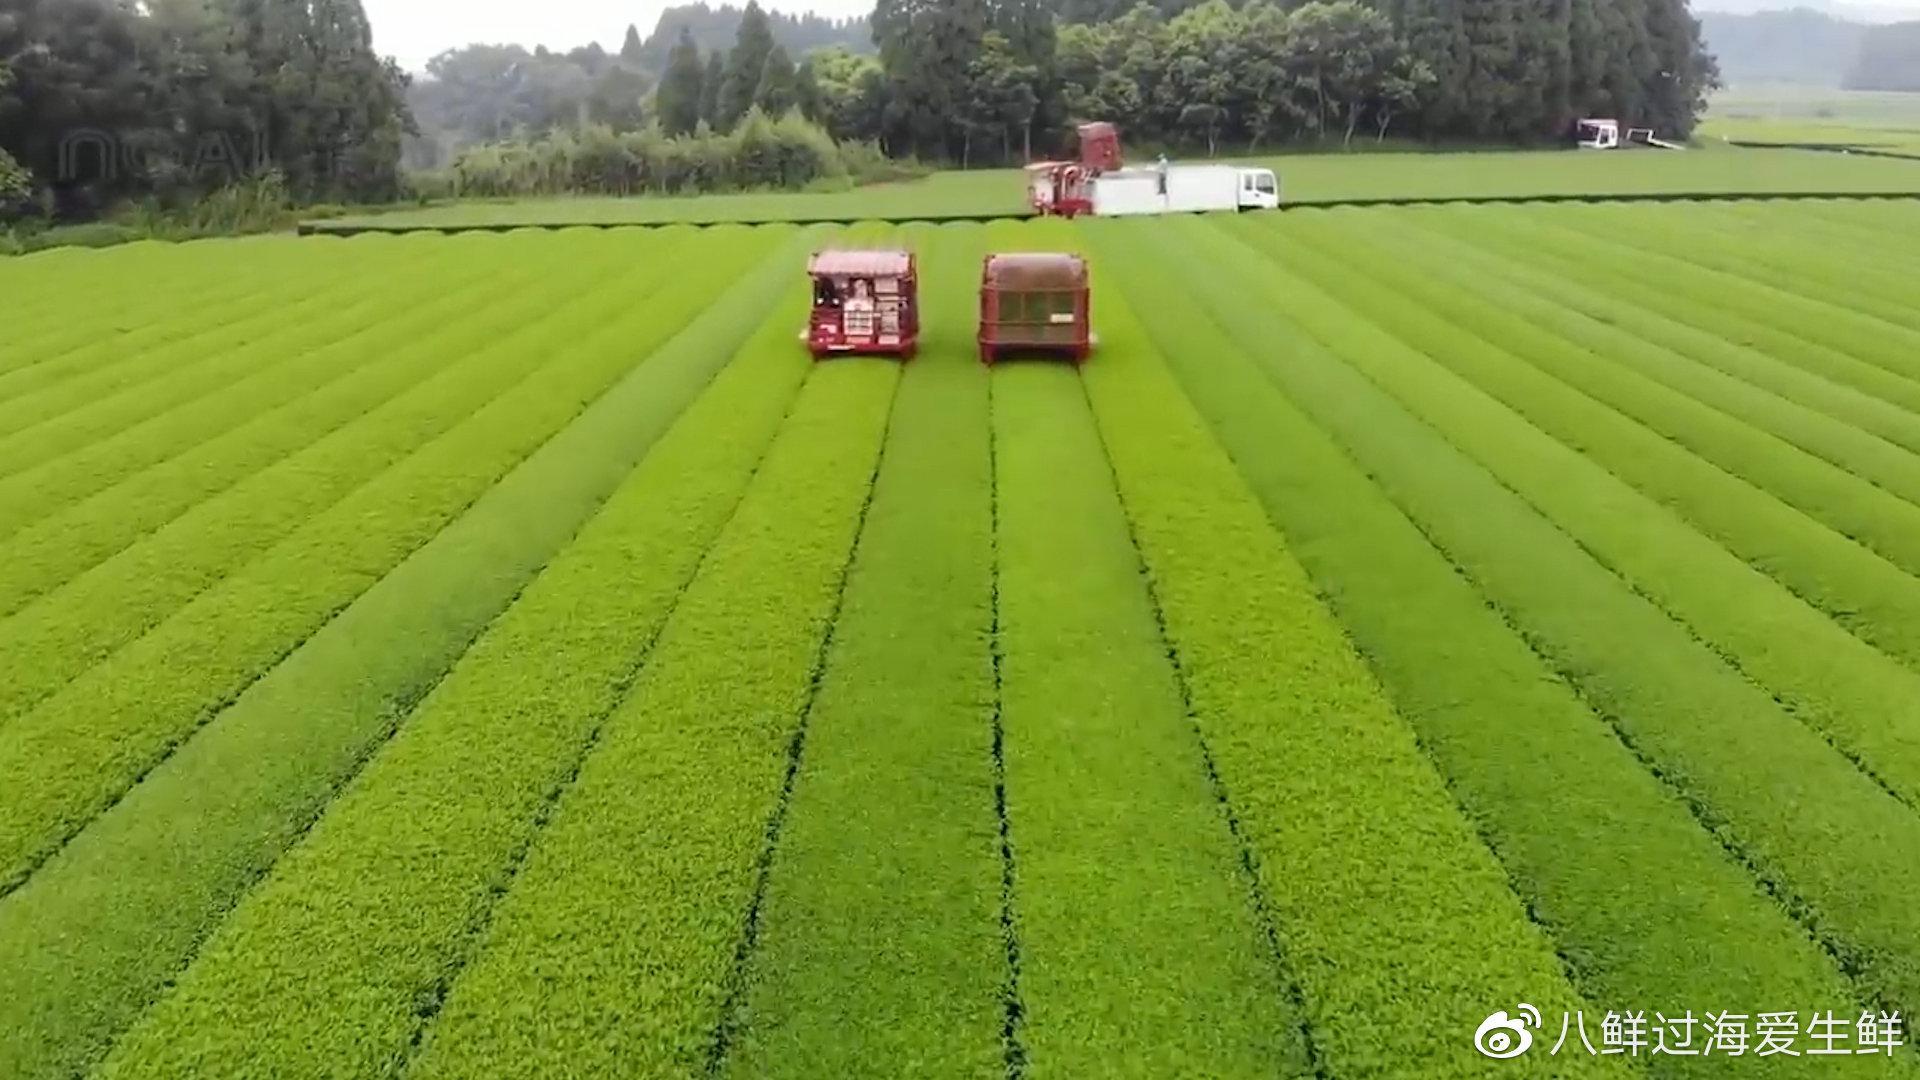 采收日本无农药天然绿茶,鸭子当先锋喷洒高压米糠水灭虫!